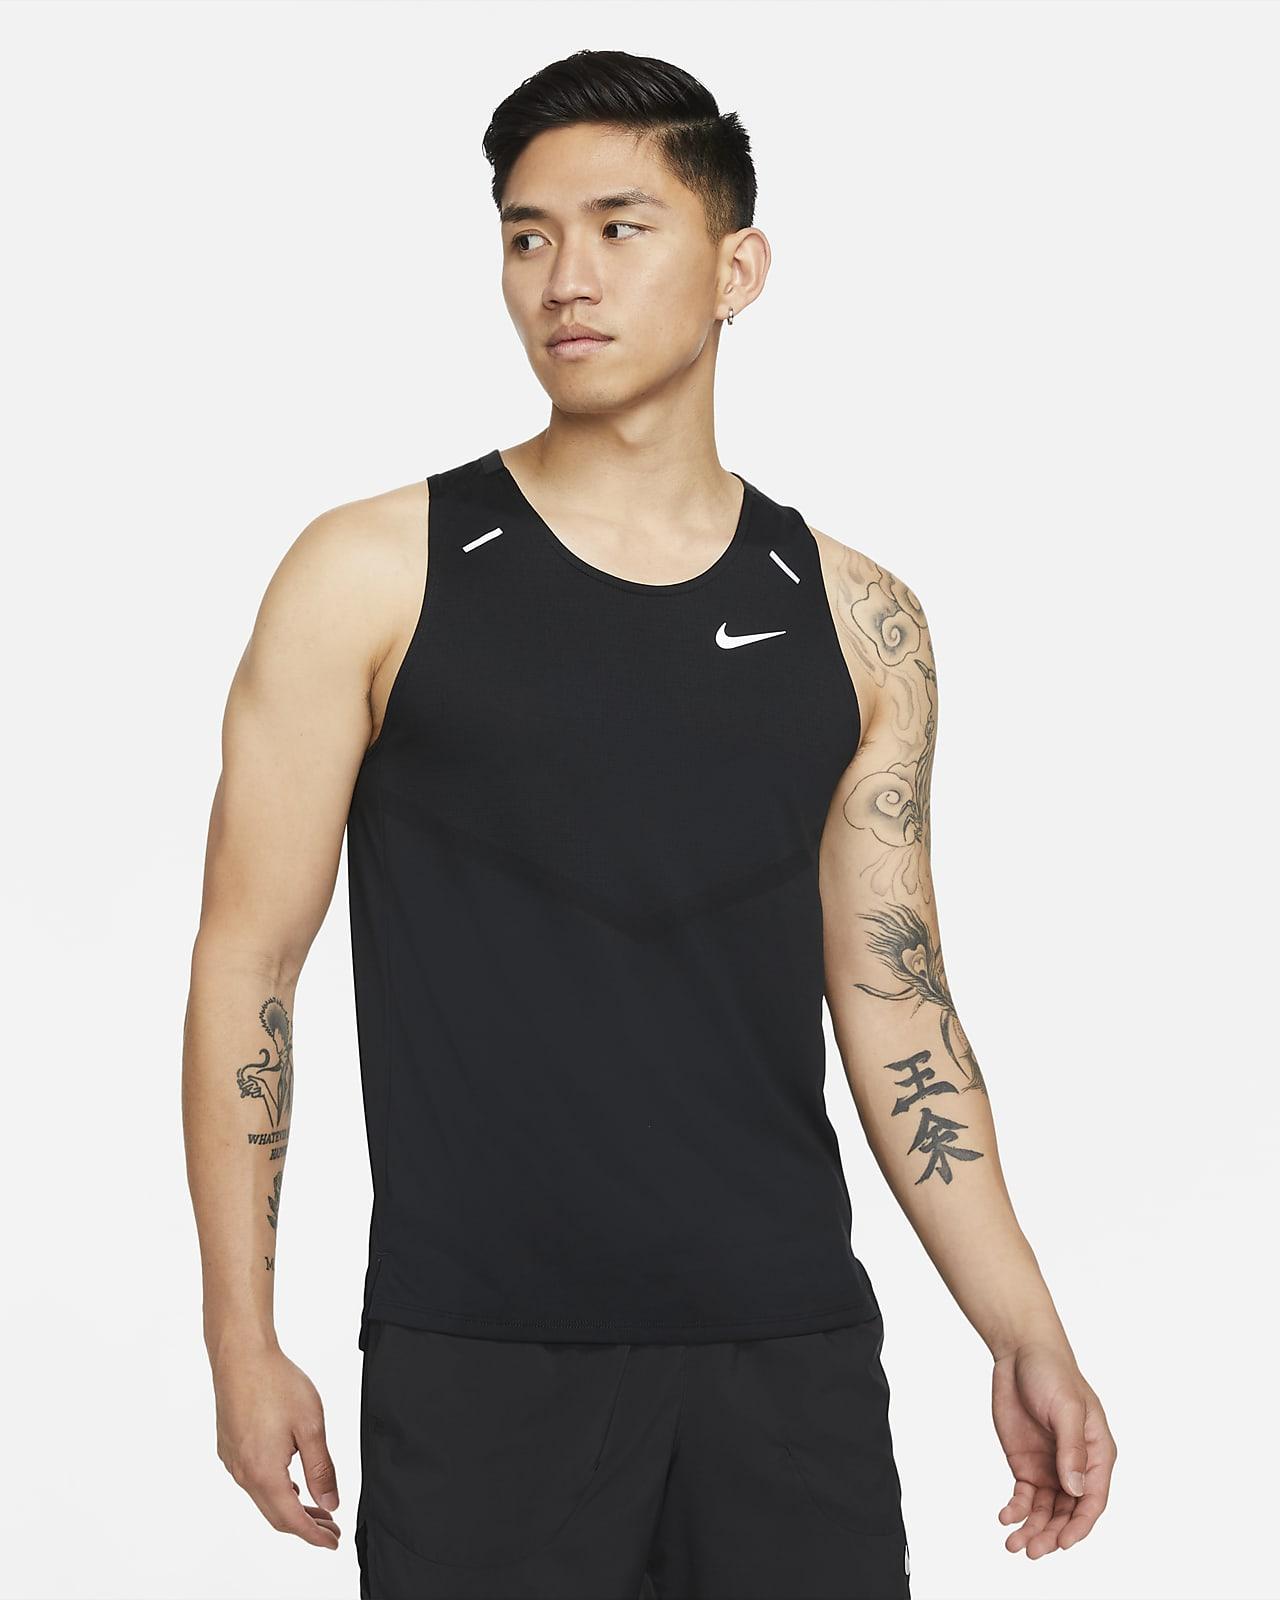 เสื้อกล้ามวิ่งผู้ชาย Nike Dri-FIT Rise 365